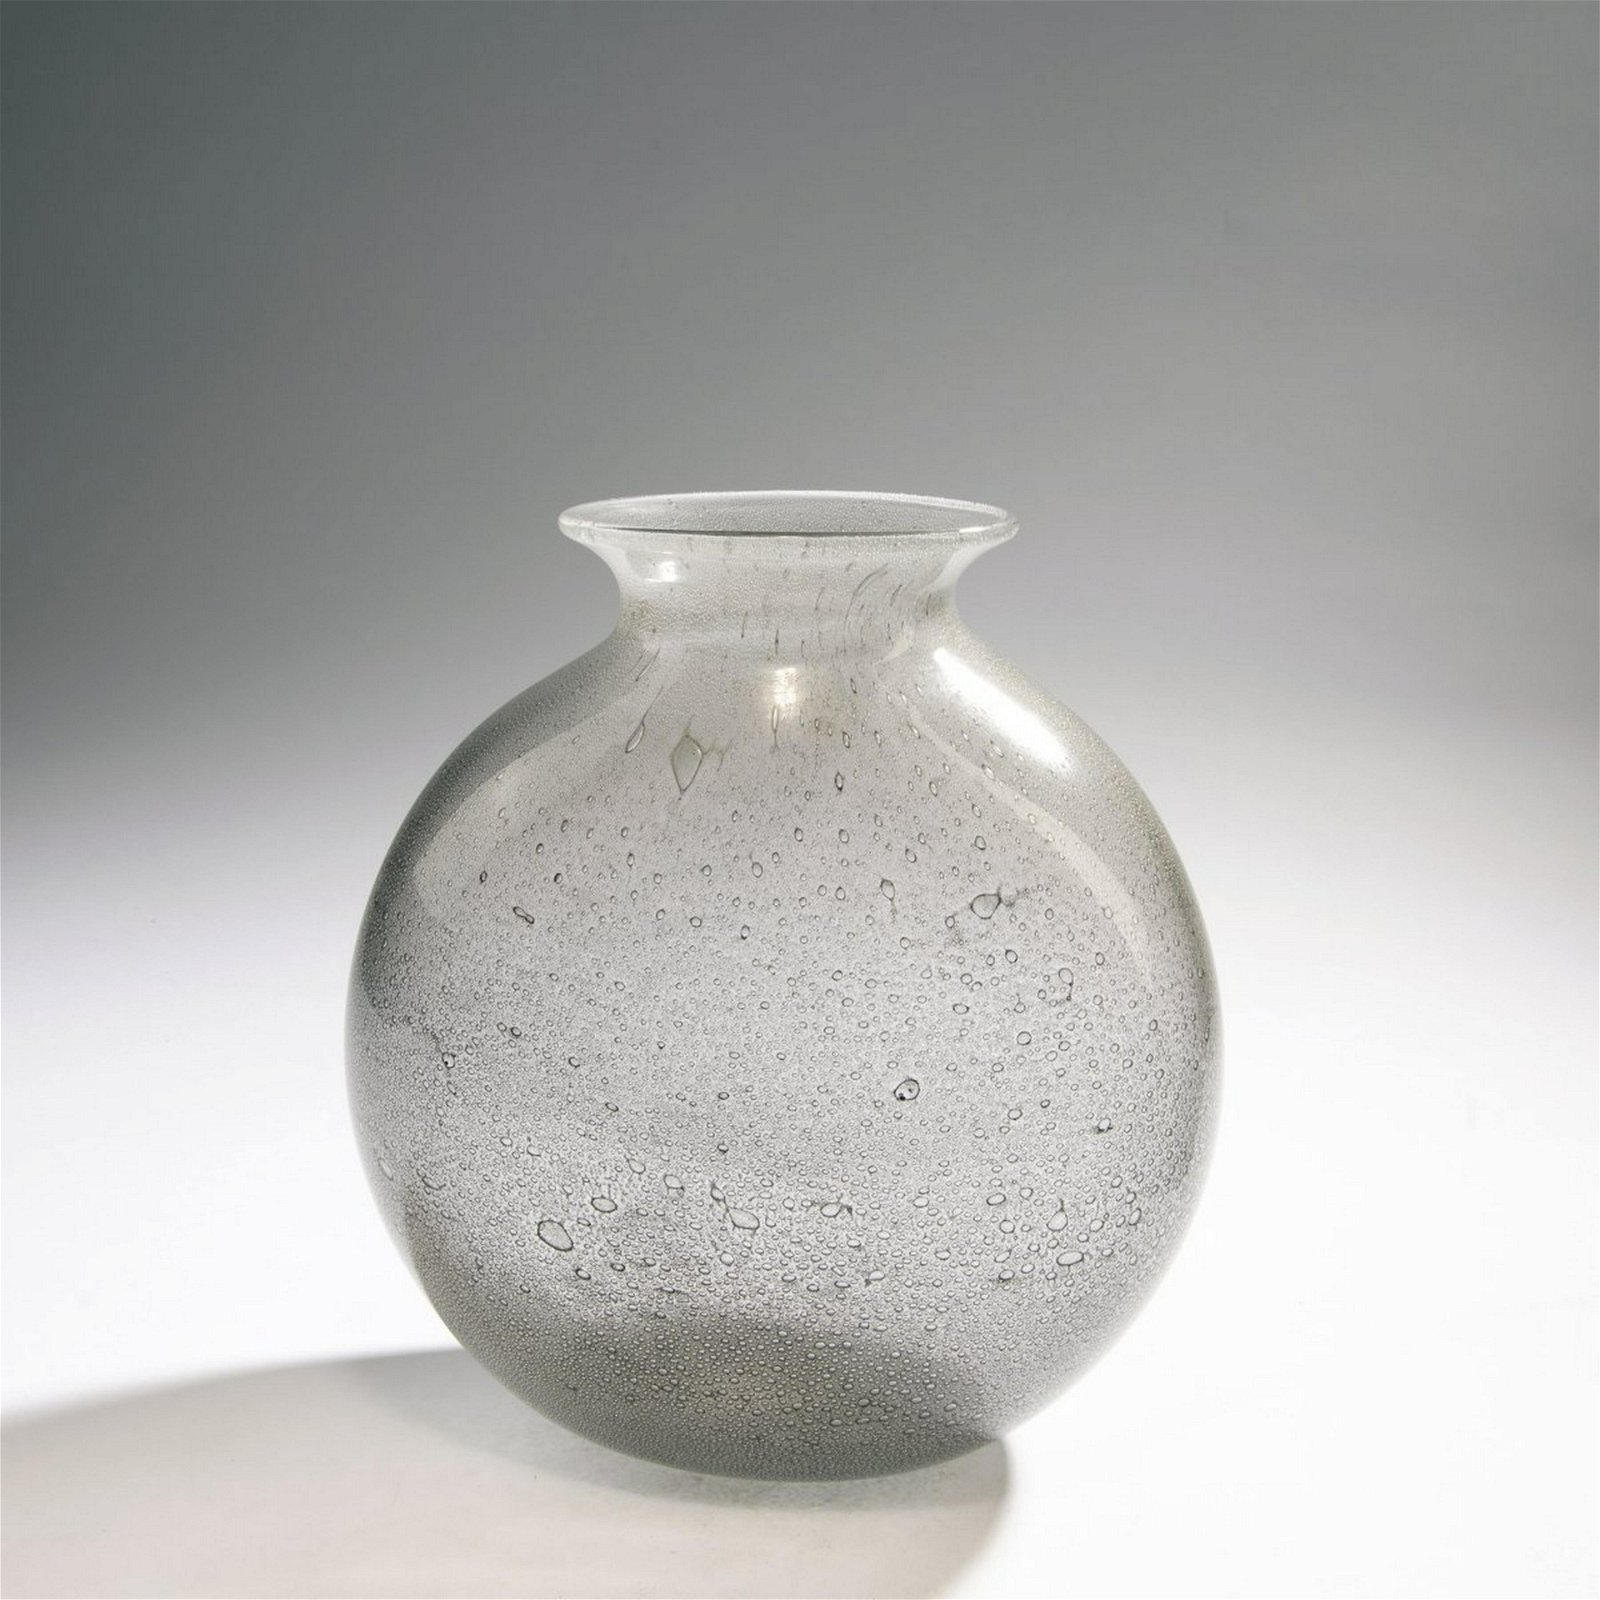 Ercole Barovier, 'Efeso' vase, 1964